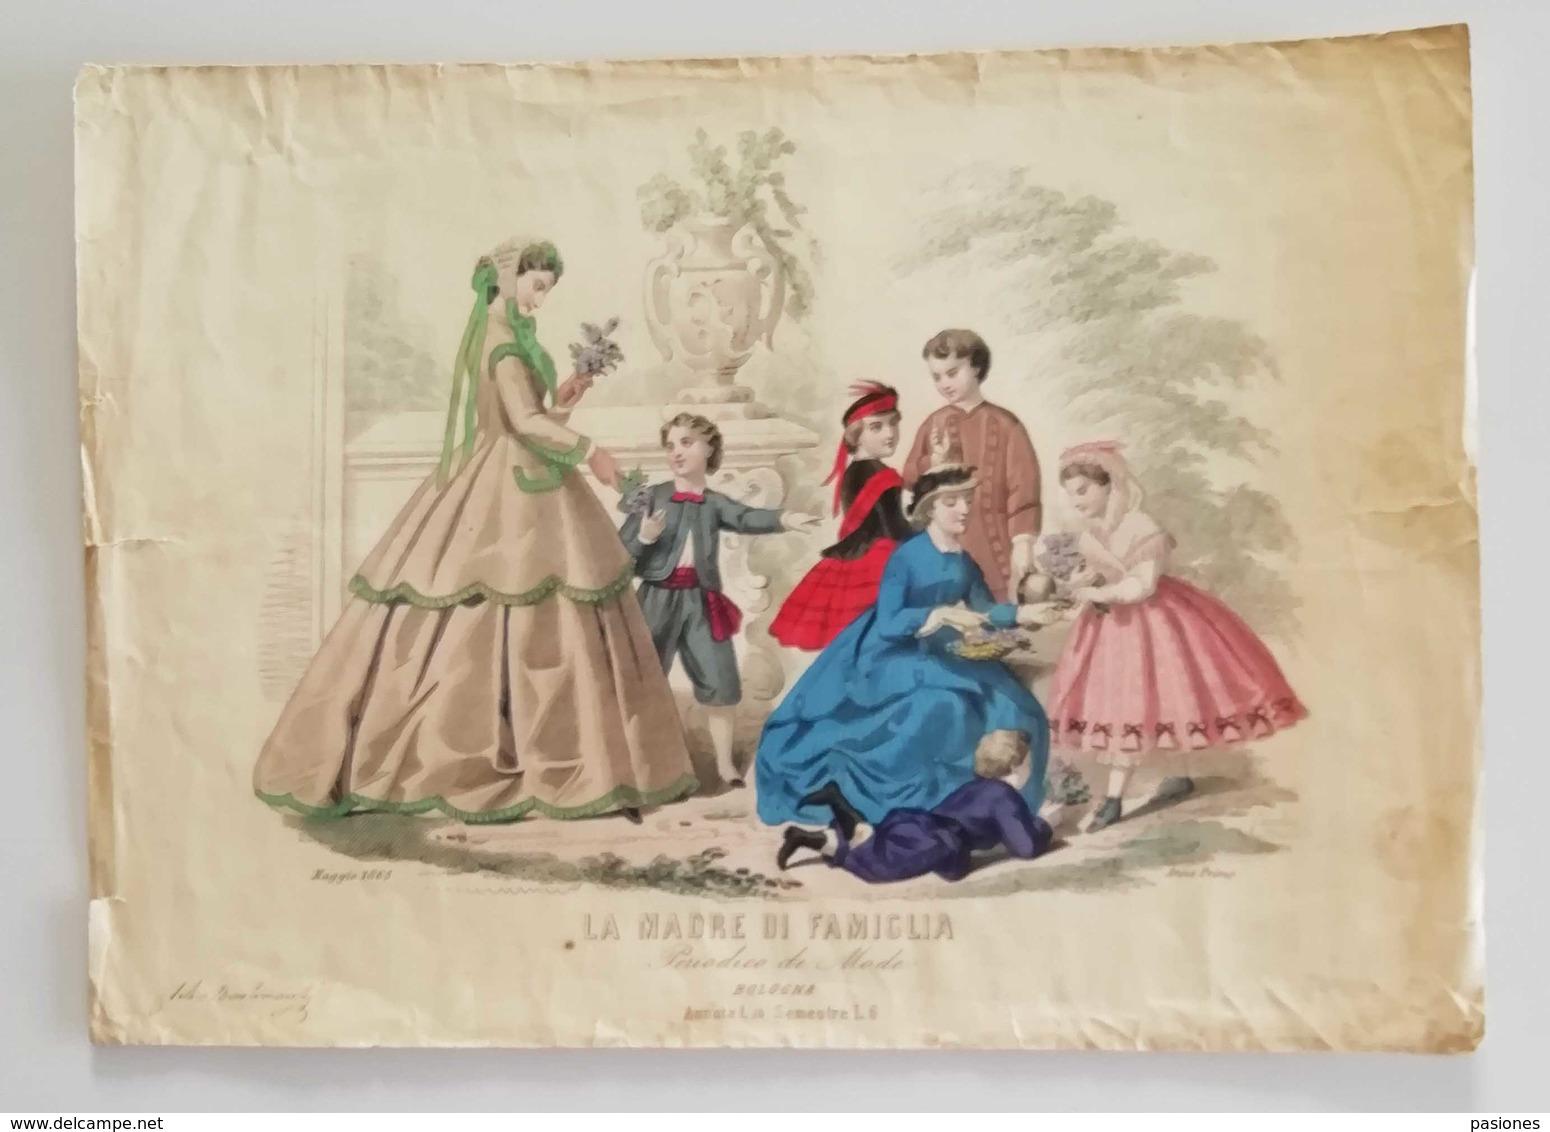 La Madre Di Famiglia - Periodico Di Mode Bologna Maggio 1865 - Estampas & Grabados